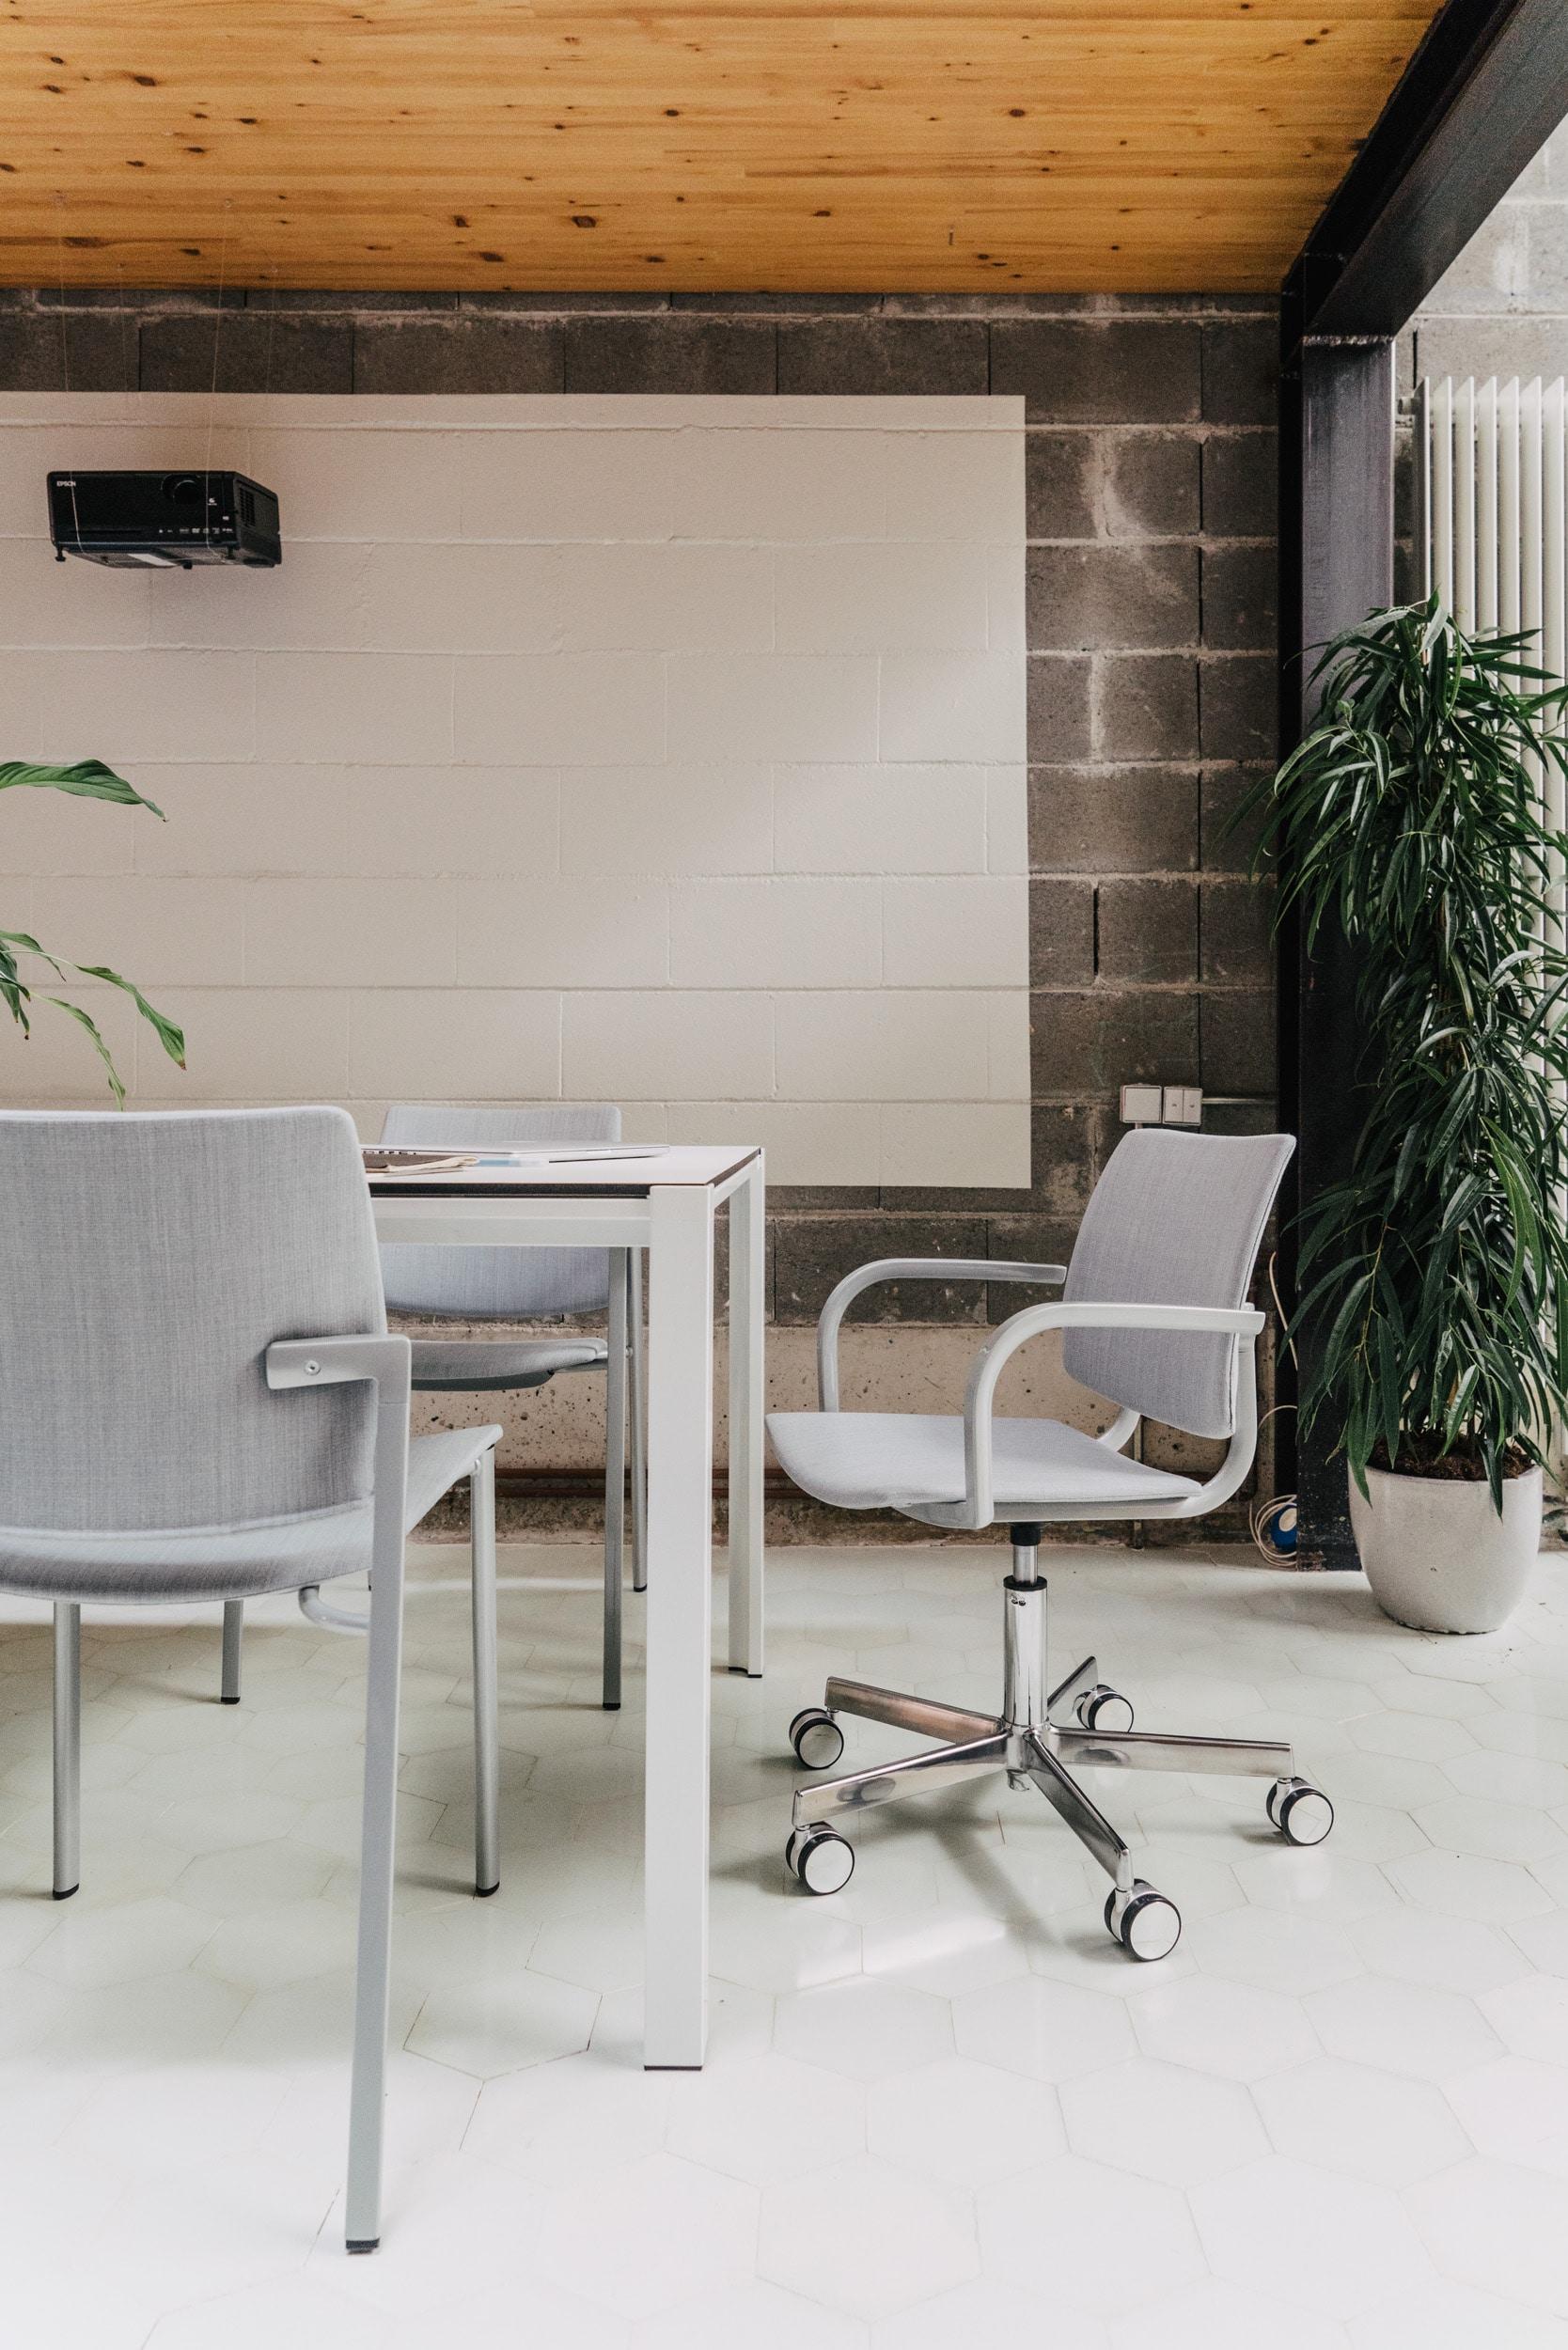 Muebles bio bio obtenga ideas dise o de muebles para su for Comedores baratos bogota